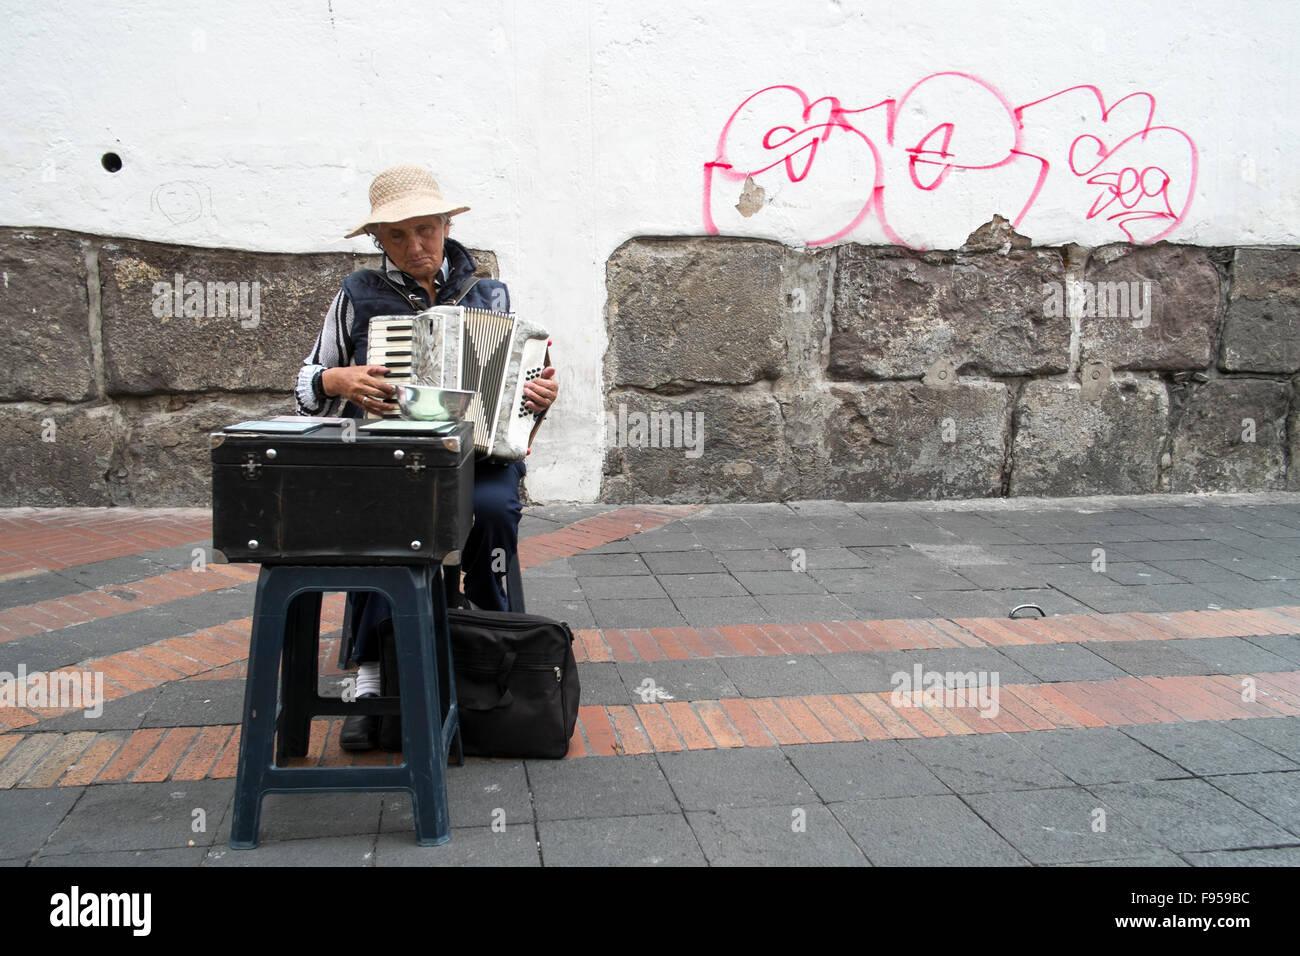 Quito , en Équateur. Une femme joue de l'accordéon dans la rue Photo Stock